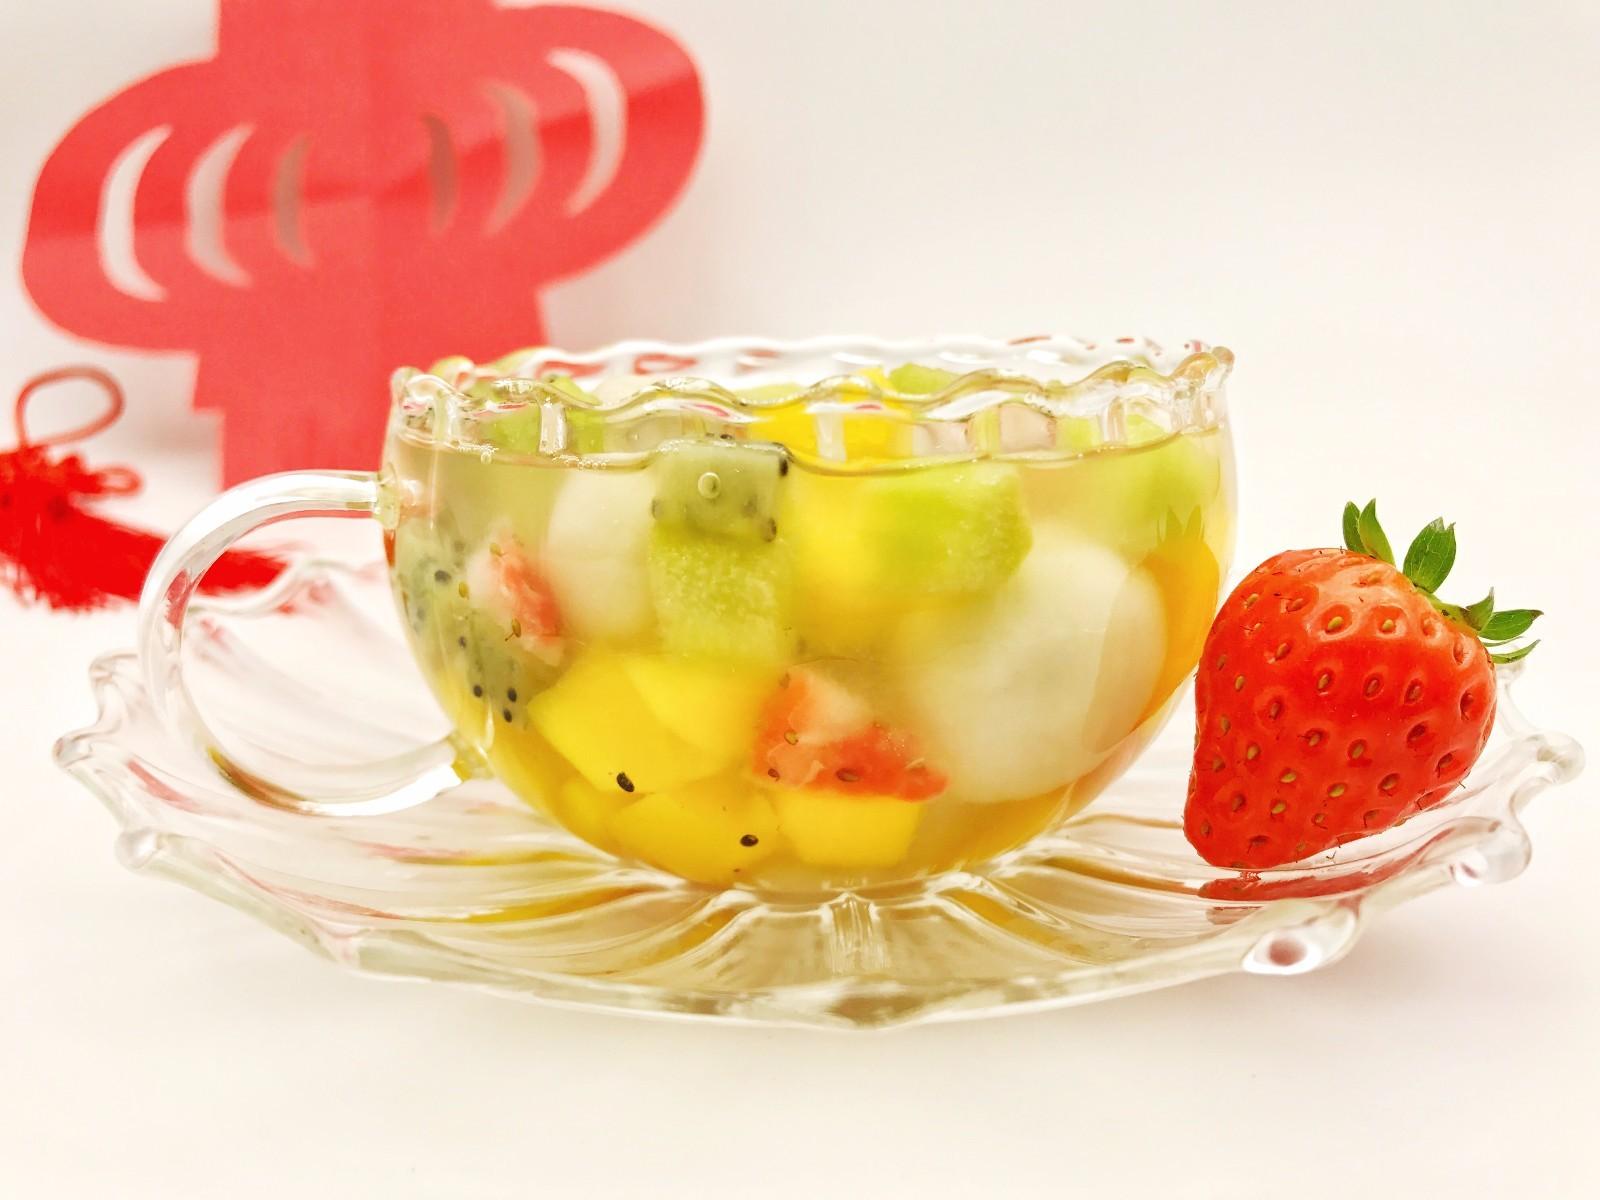 宝宝辅食:水果小圆子-36M ,倒入温开水,五彩缤纷又热乎乎的水果小圆子就做好啦,赶紧开动吧。</p> <p>》小芽没有直接把水果放入煮汤圆的水中煮,而是这样操作,可以尽量减少水果中营养的损失哈。